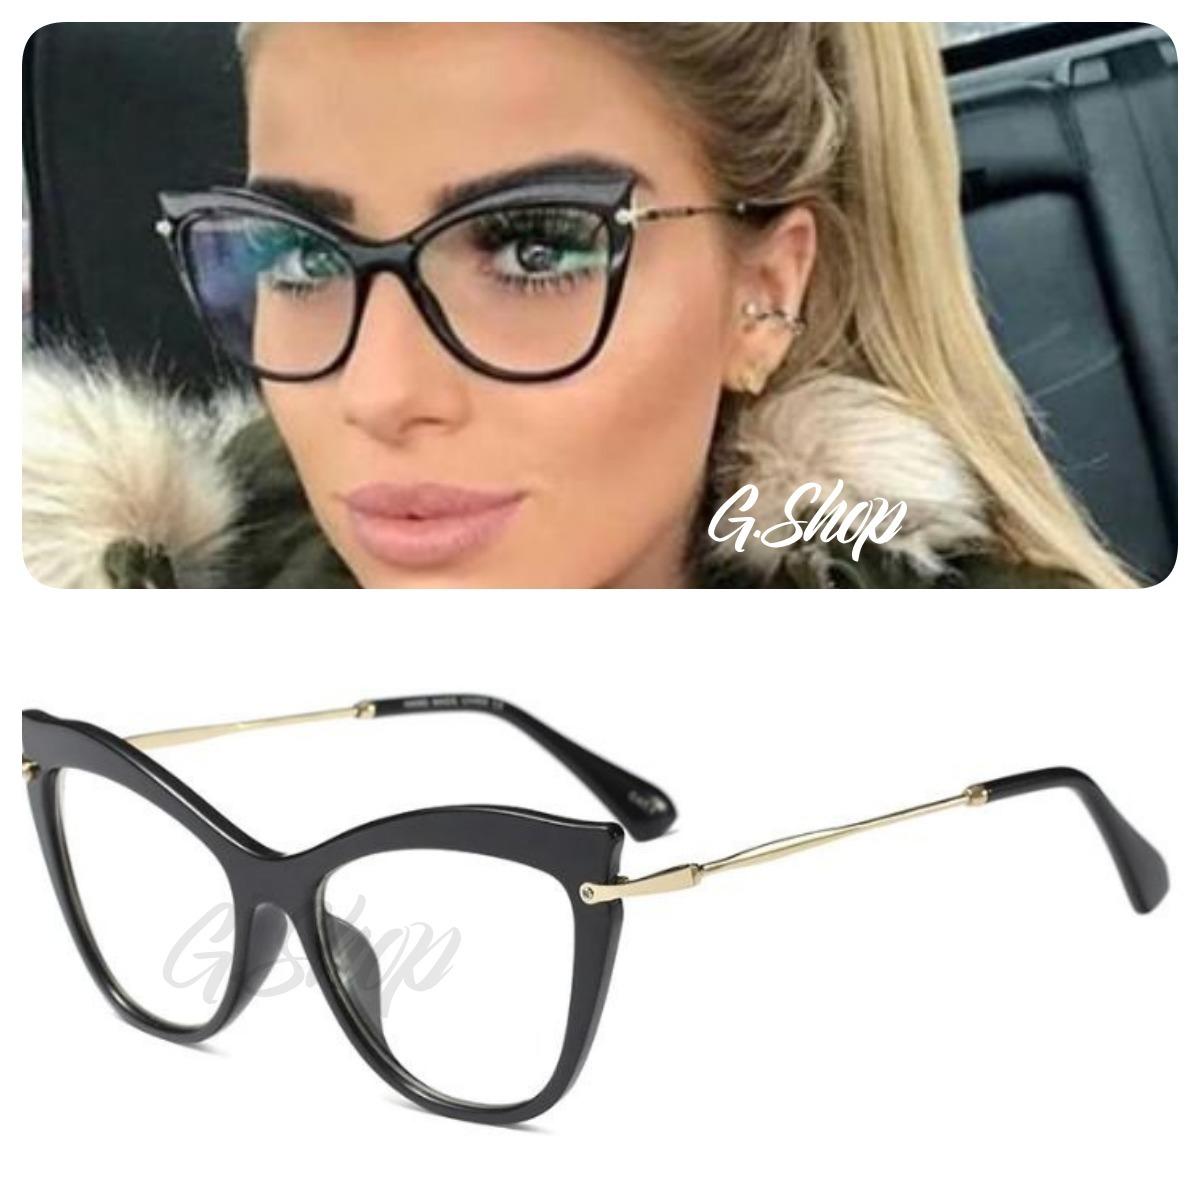 7ac558e70 Óculos De Grau Armação Preto Gatinho Preto Estilo Blogueira - R$ 79 ...